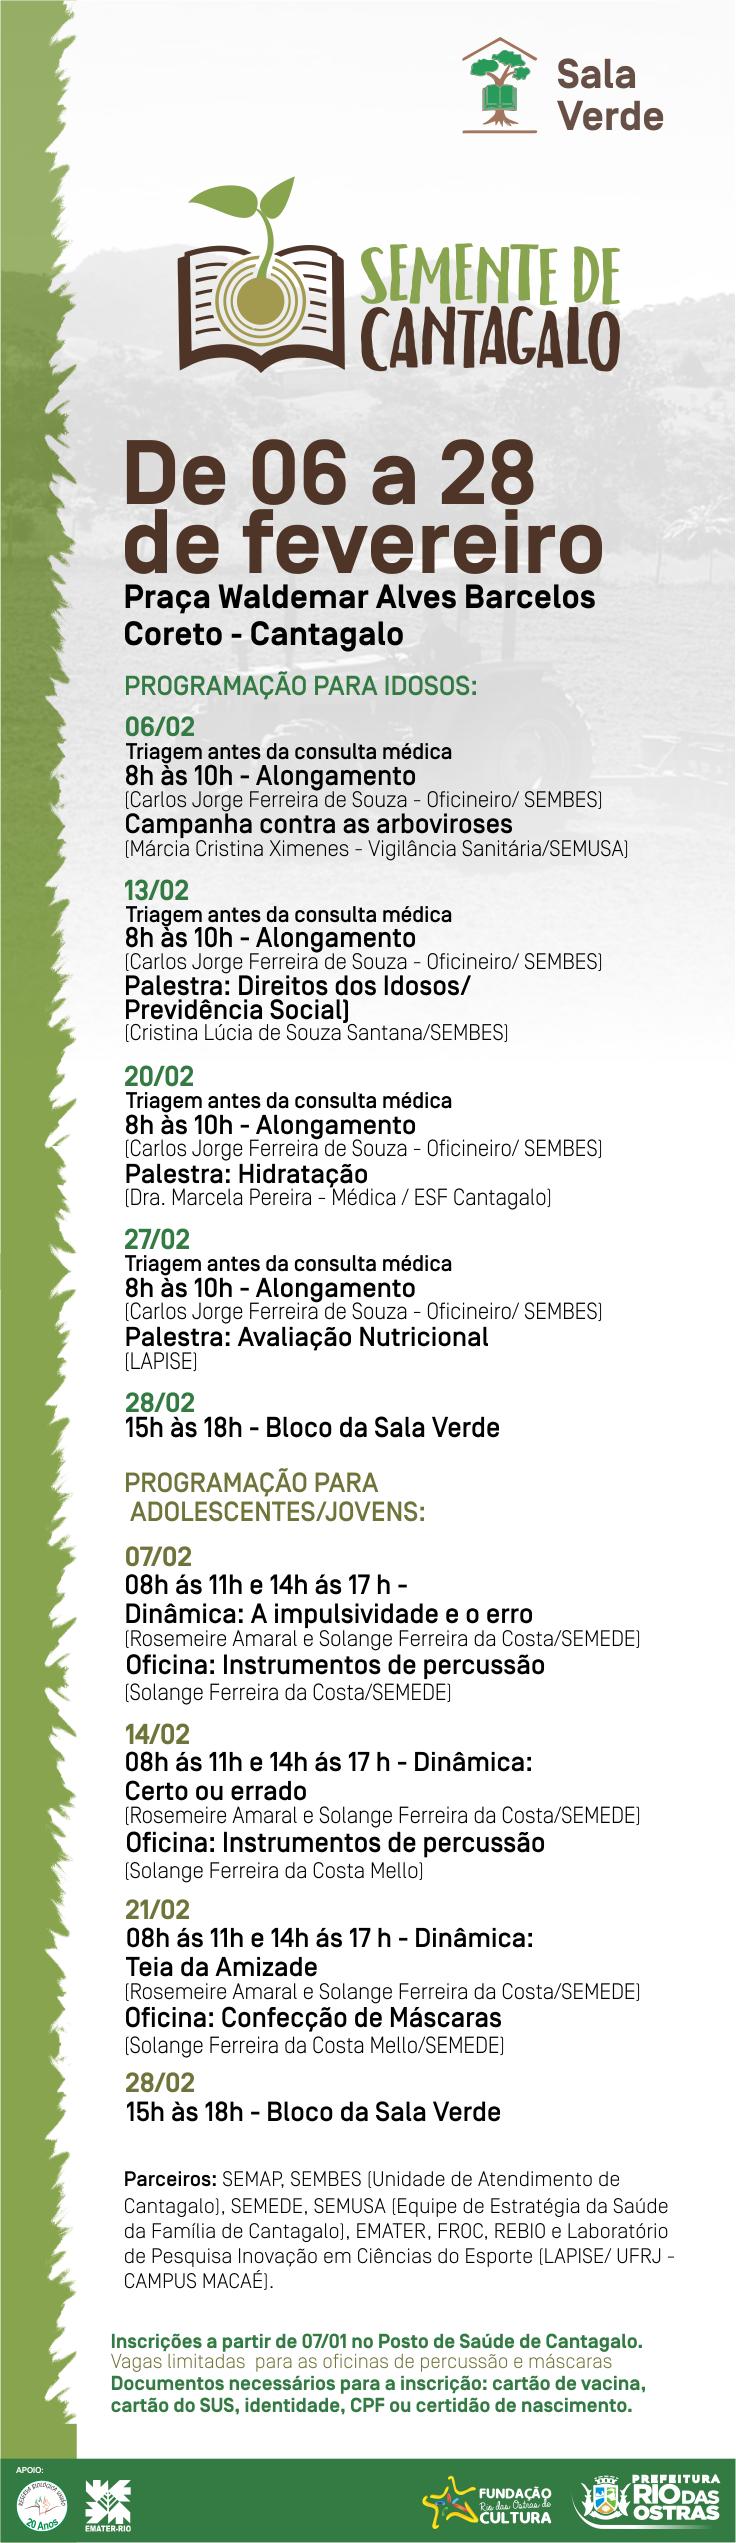 Programação Sala Verde - Fevereiro